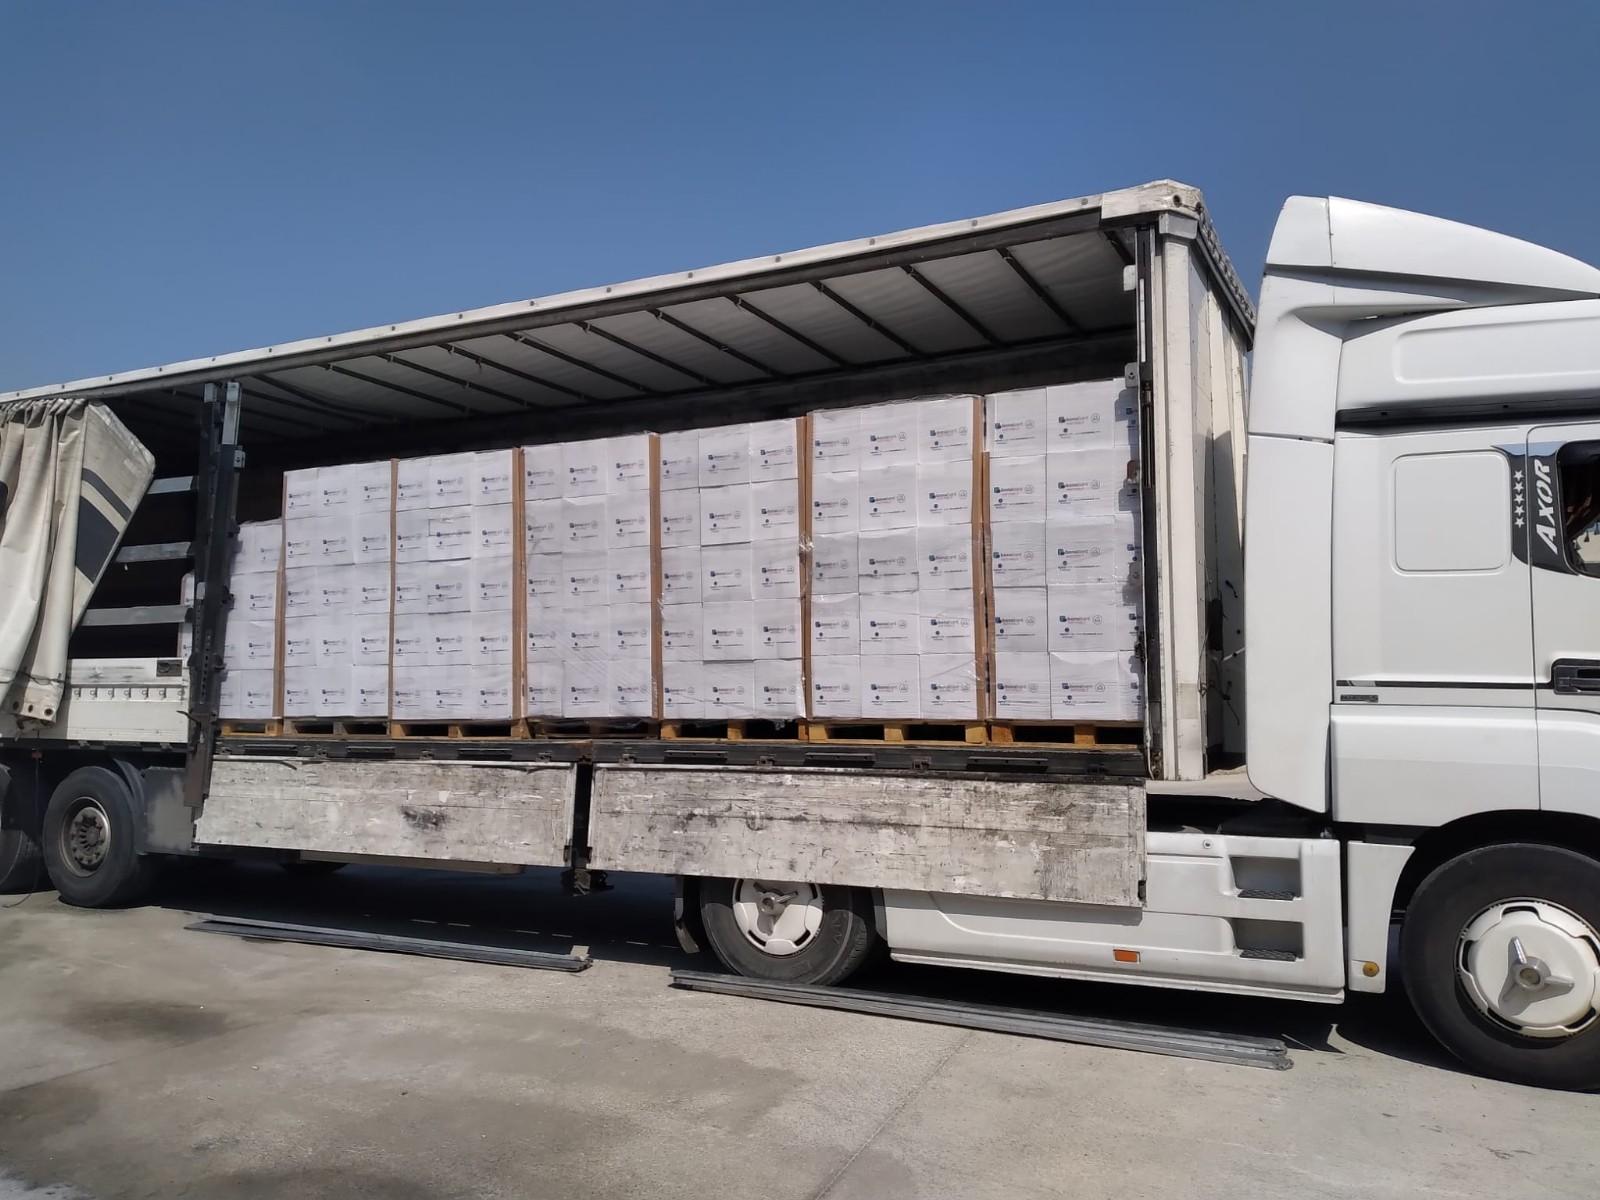 Almanya ihracatına 1 palet ürünle başlayan Bonabant, şimdi konteyner siparişi alıyor